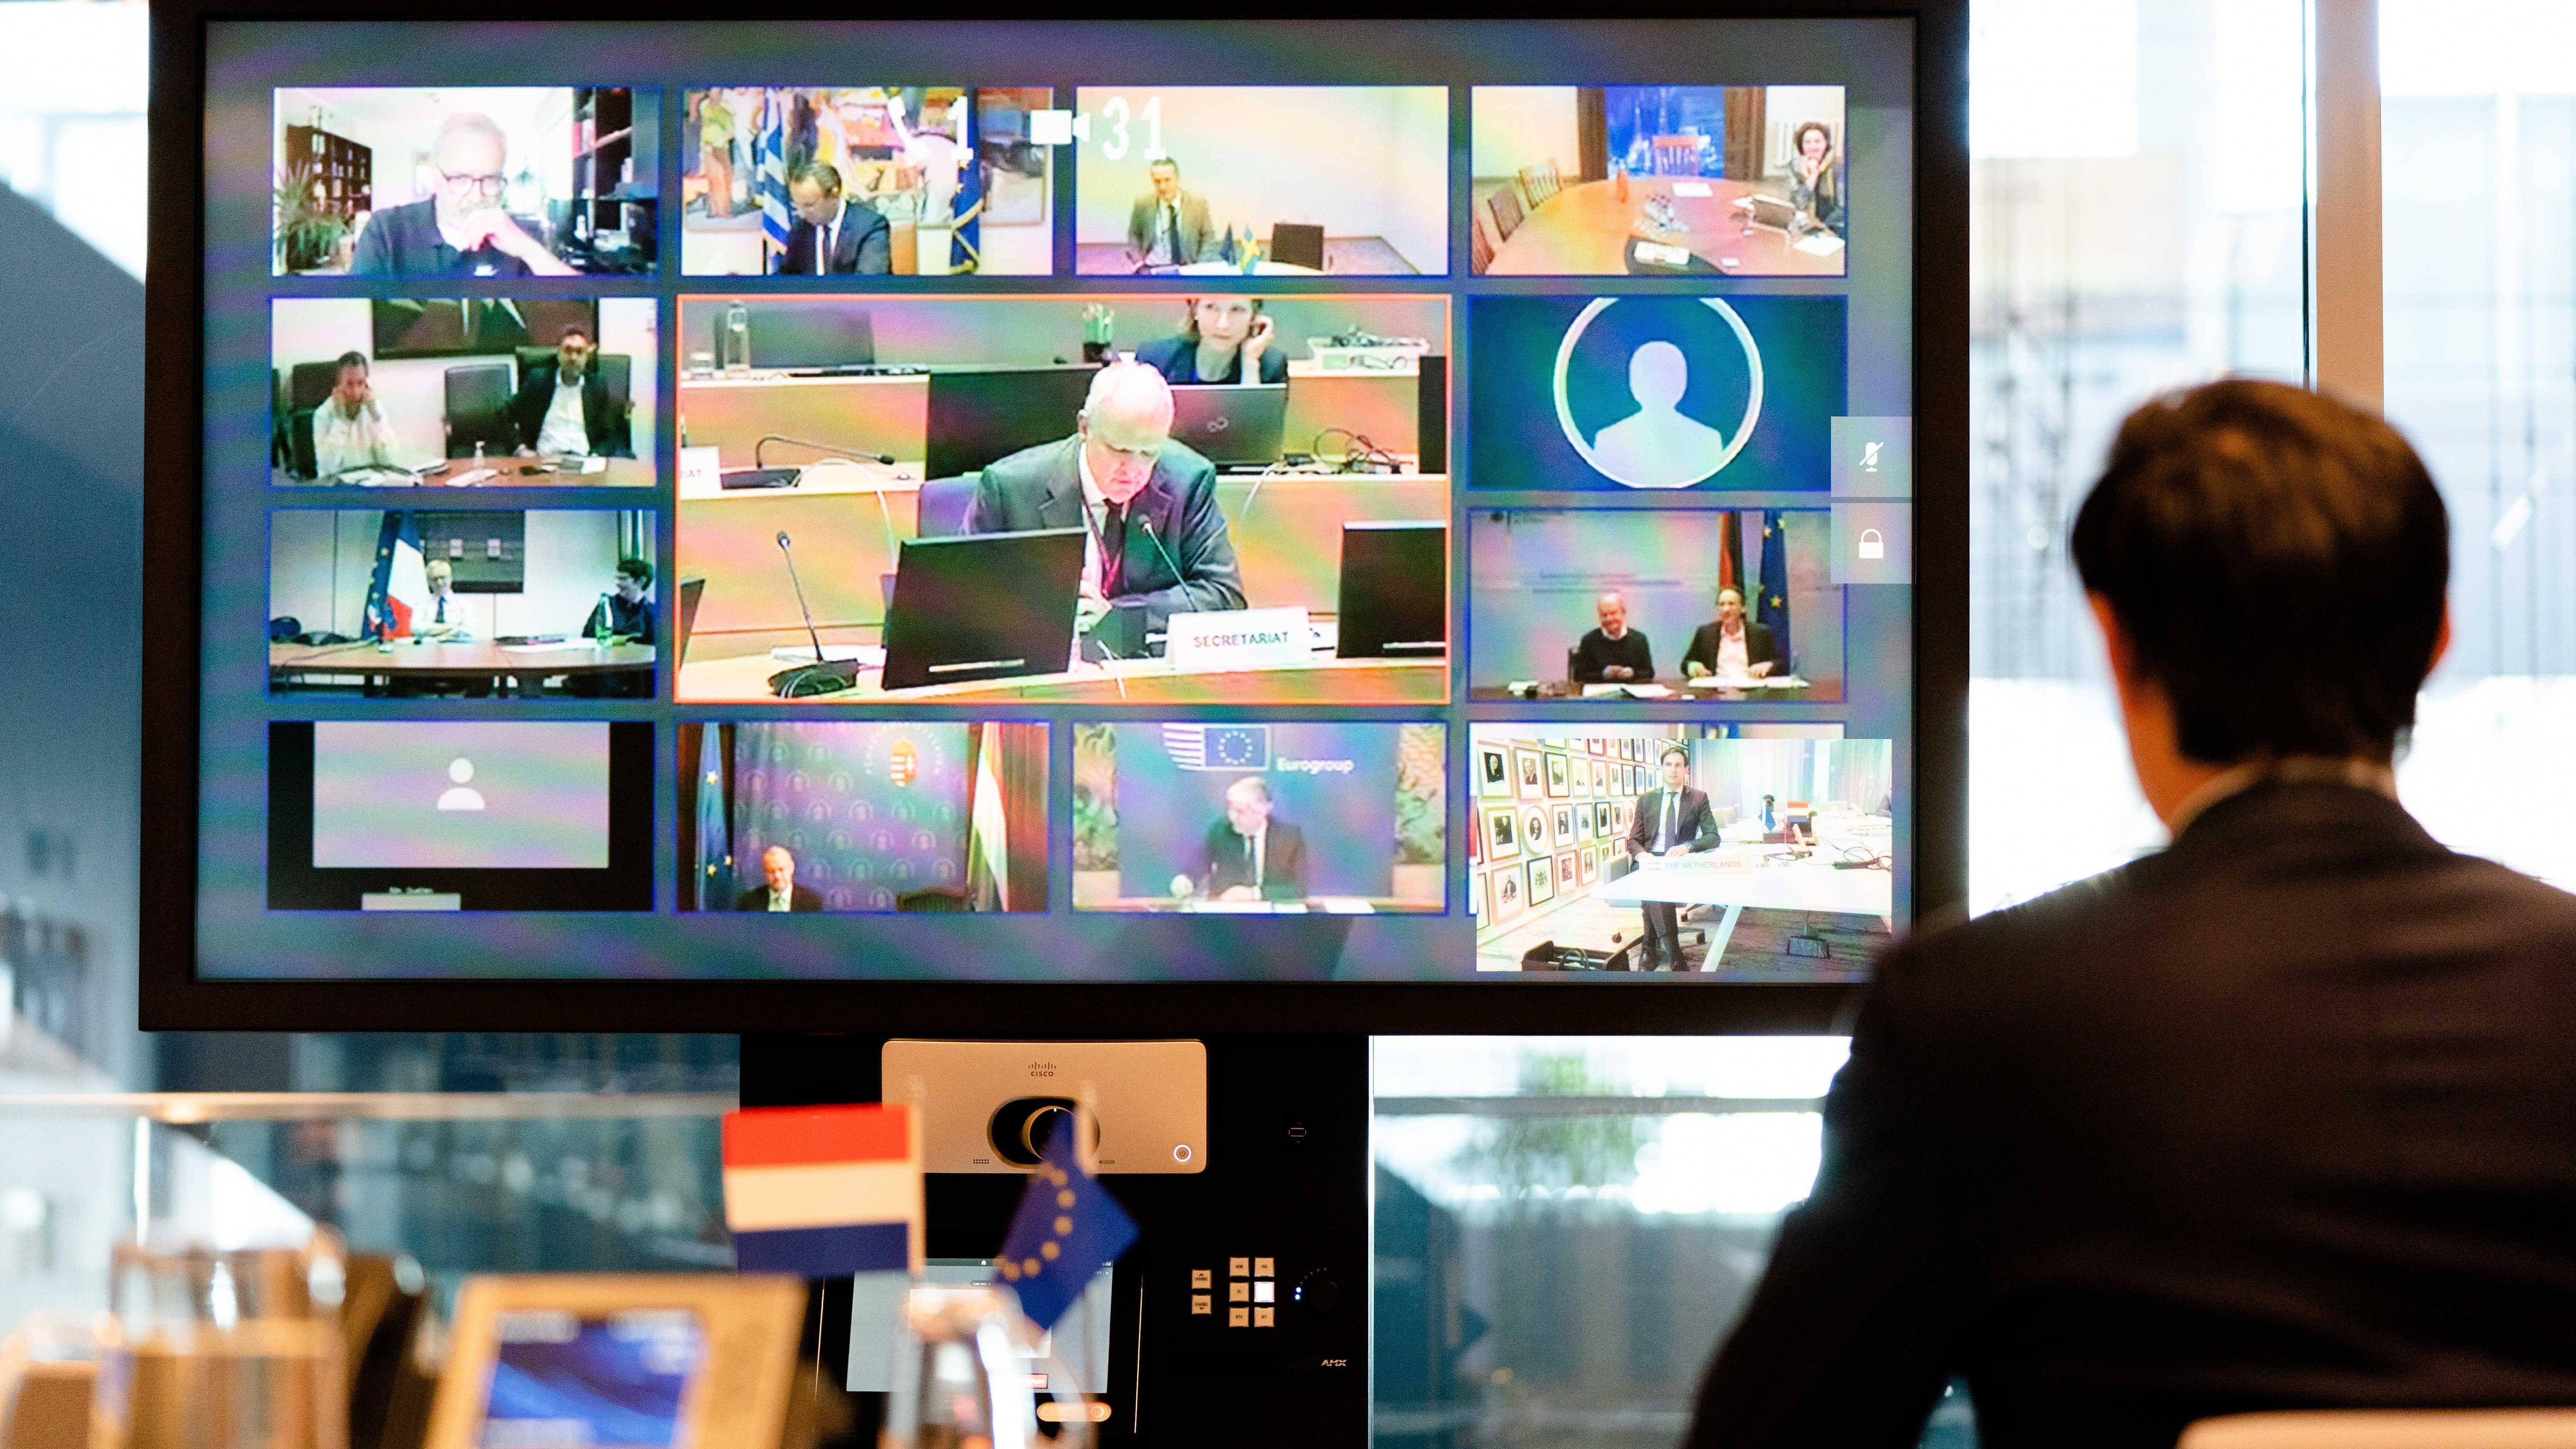 Niederländischer Finanzminister Wopke Hoekstra vor Flachbildschirm bei Videokonferenz